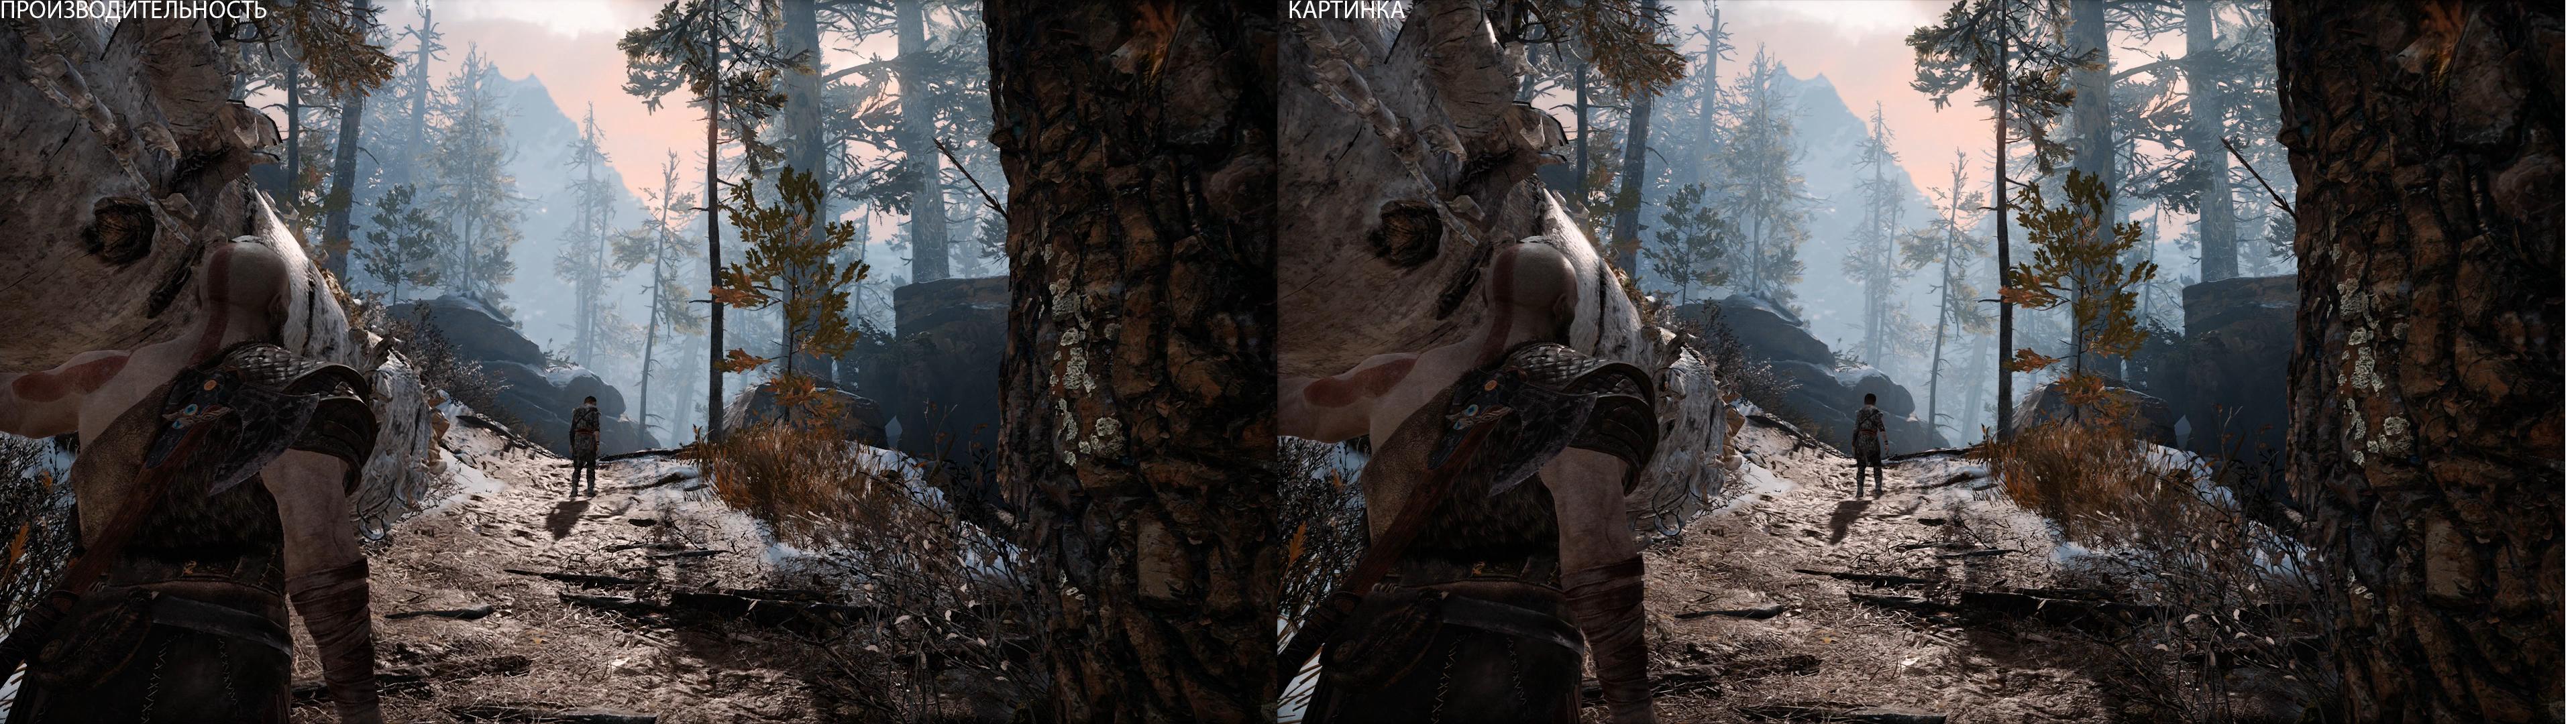 1080p vs 2160p - God of War (2018) PS4 Pro